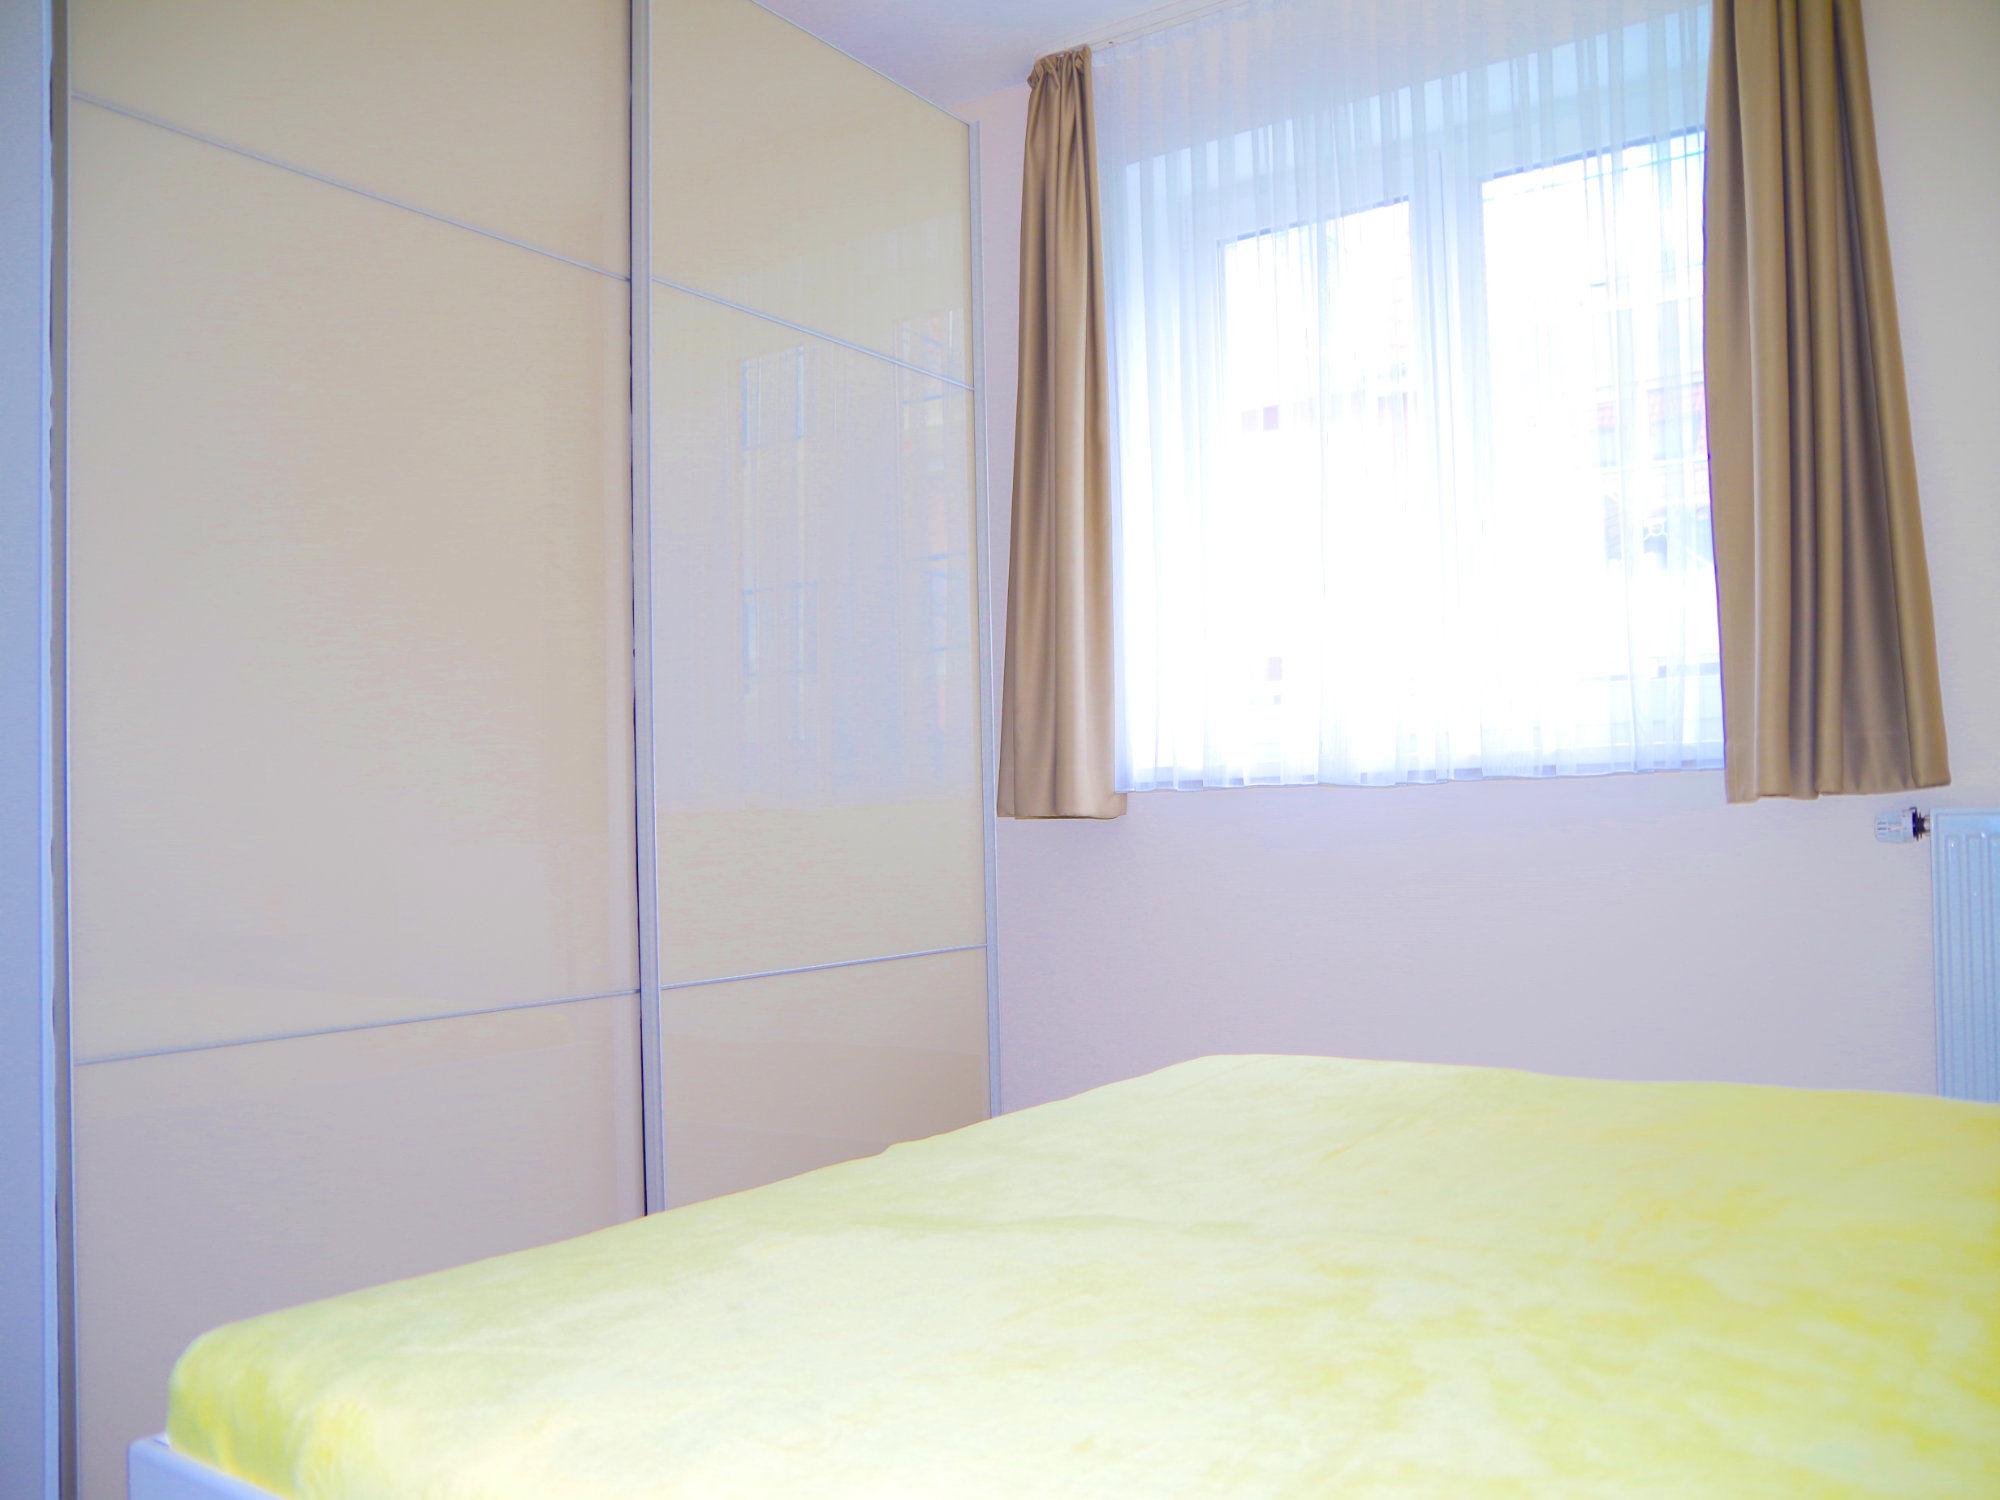 Schlafzimmer  mit Doppelbett, links davon ein großer Kleiderschrank mit Schiebetüren, im Hintergrund ein großes Fenster